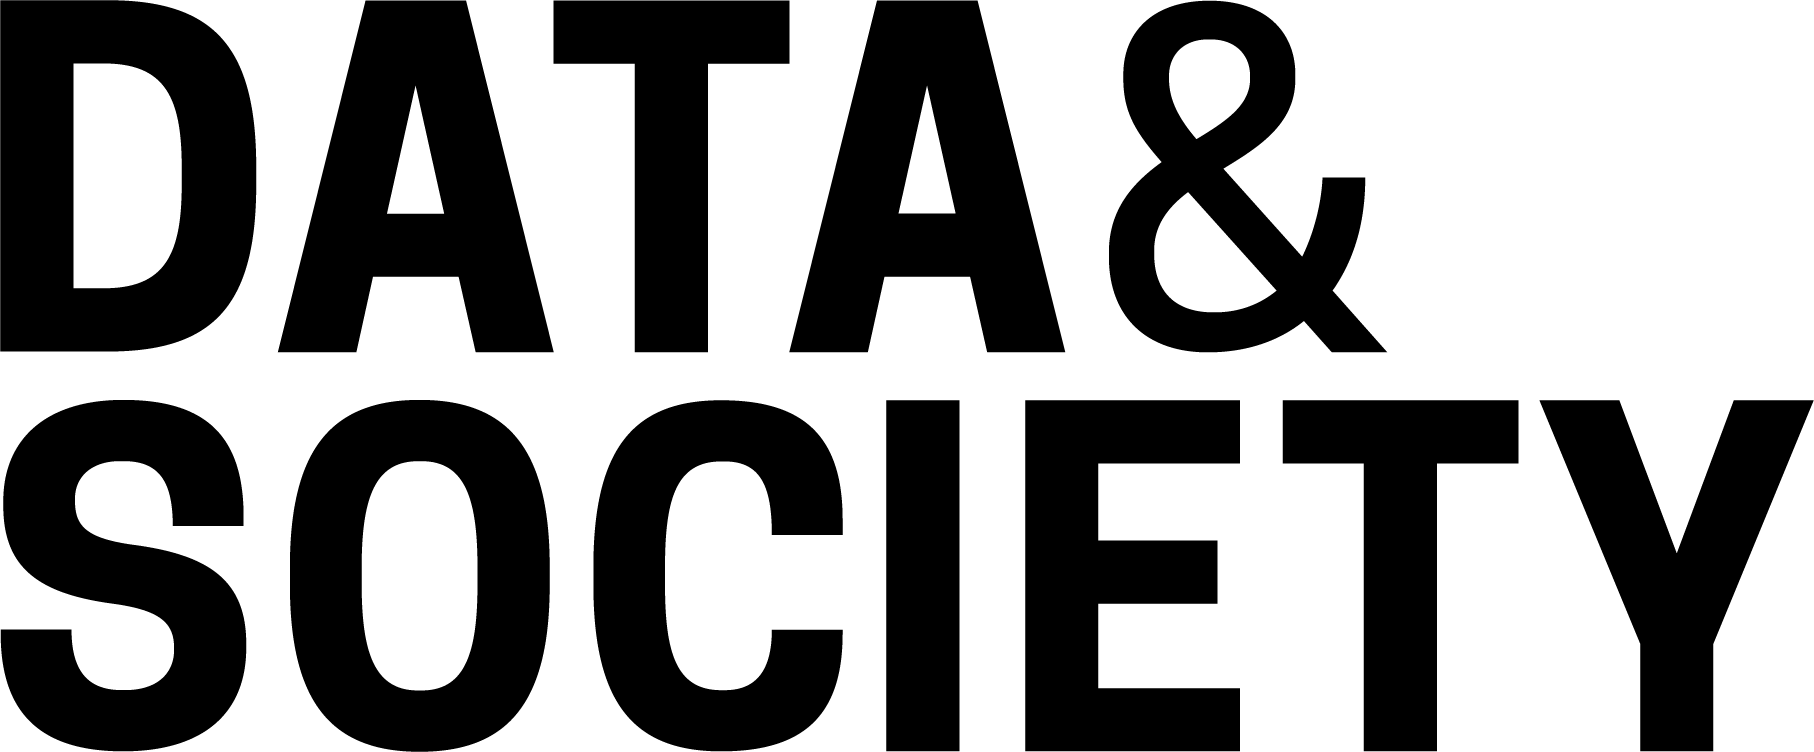 Data & Society logo